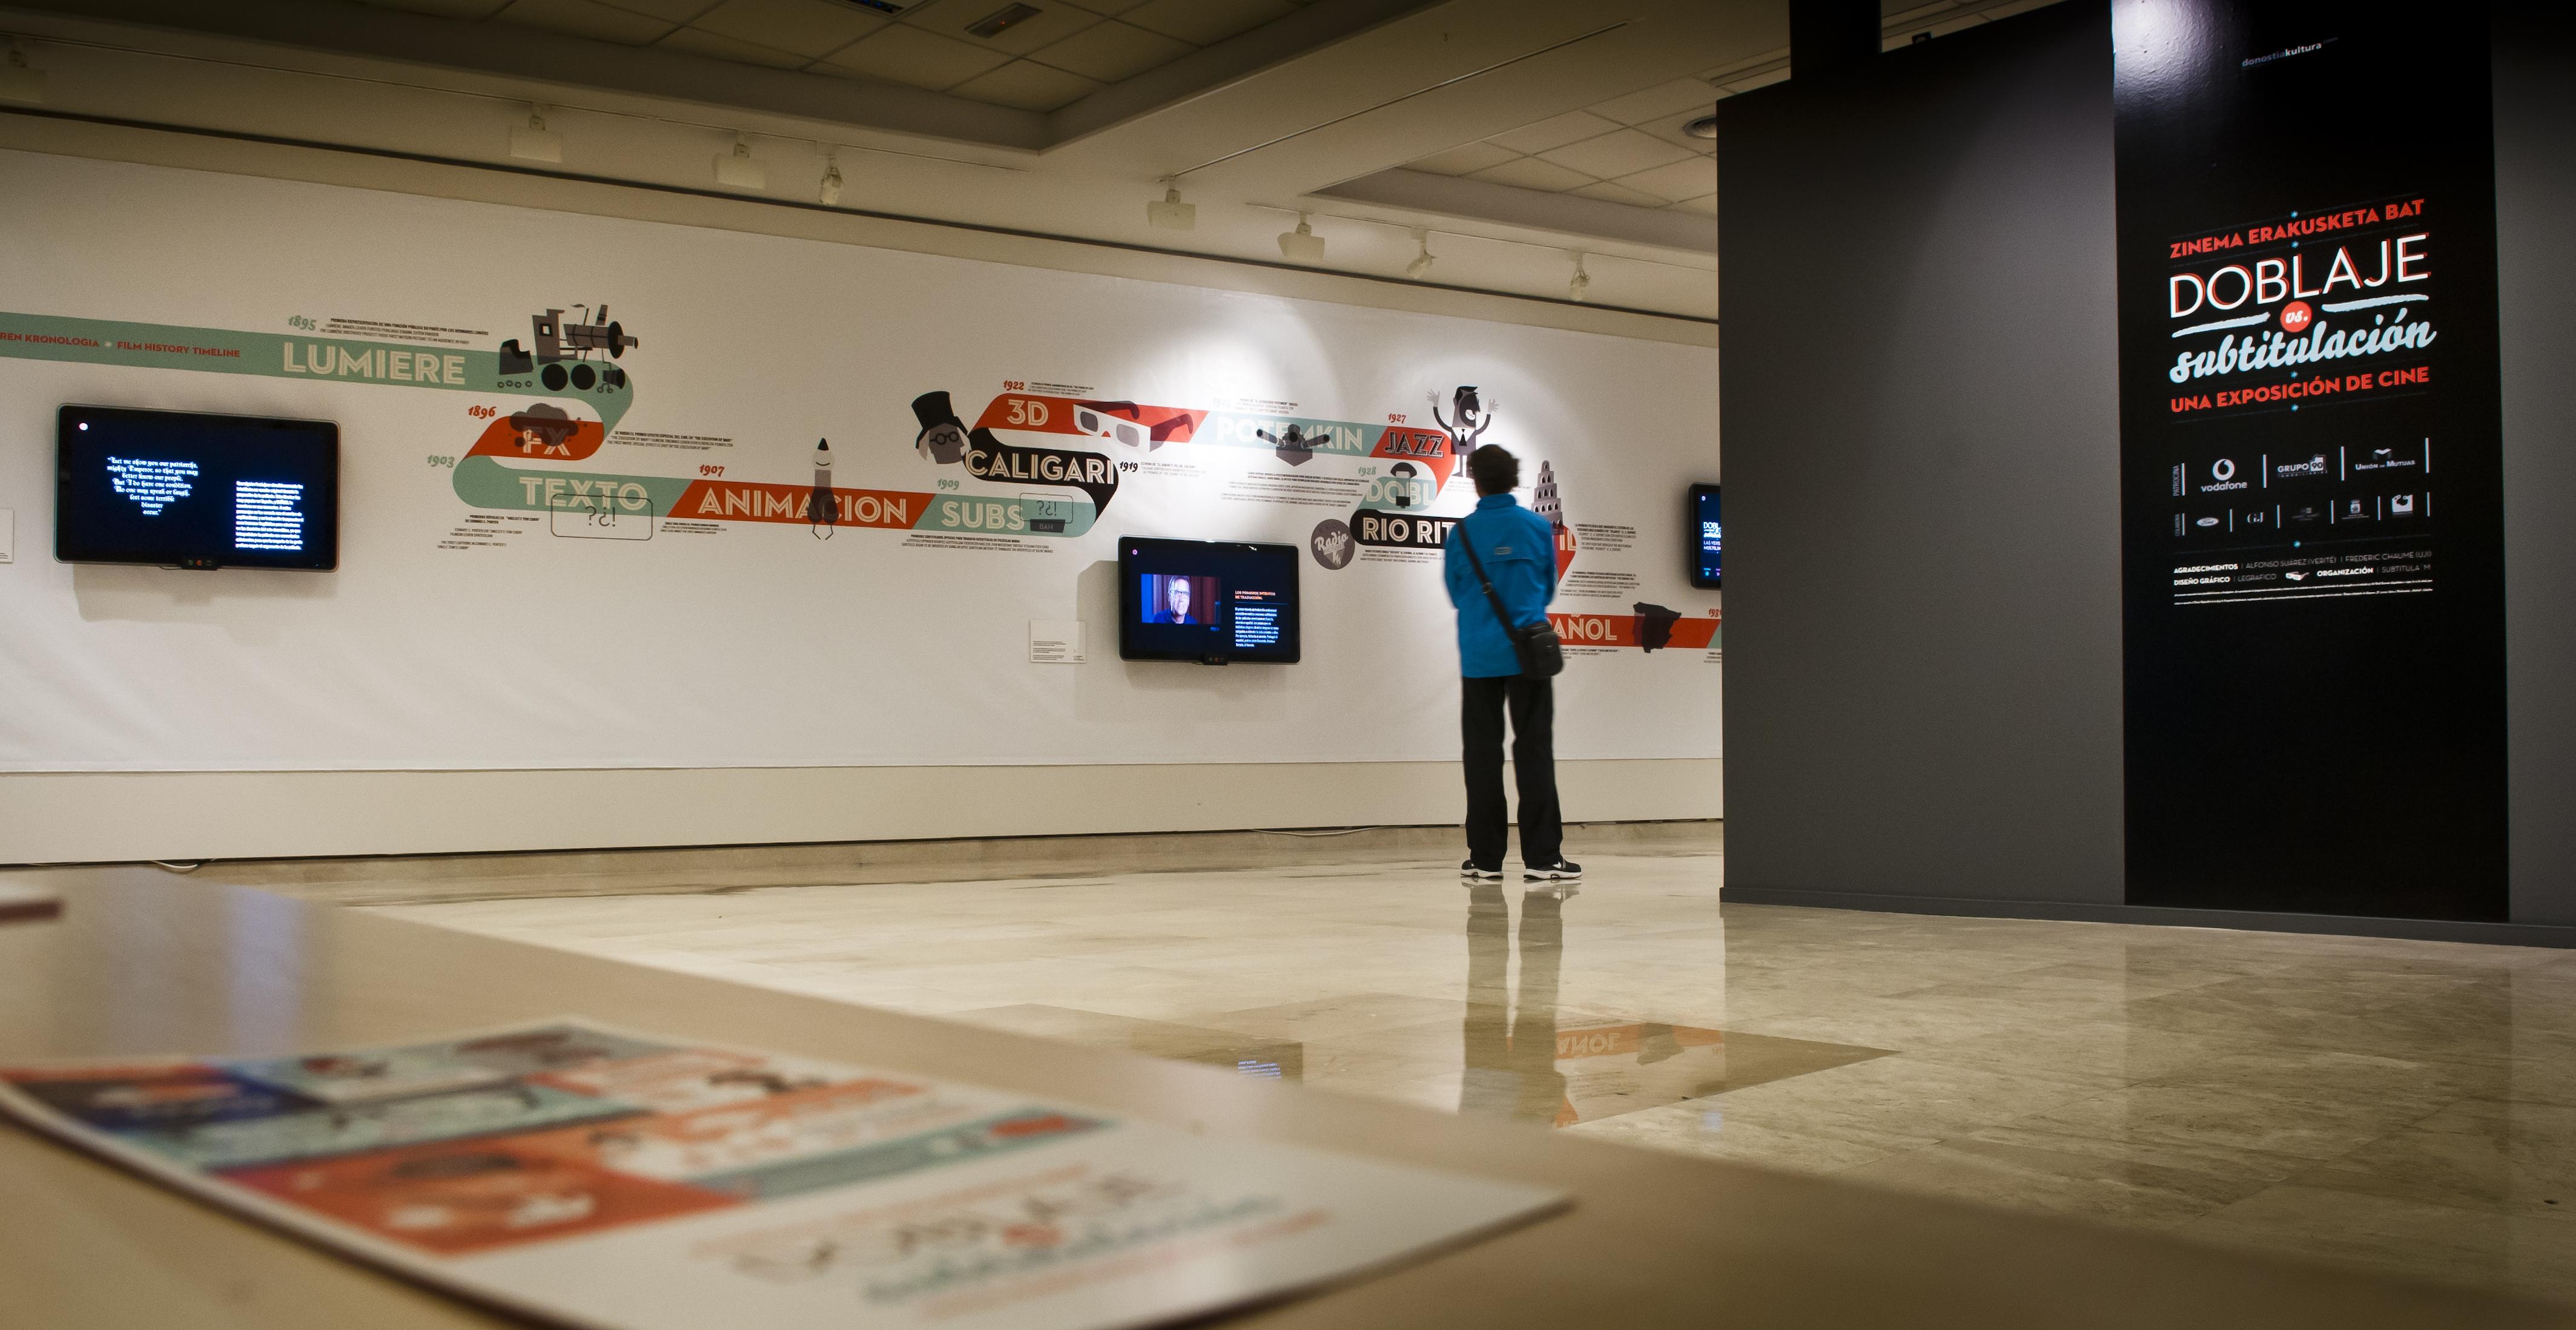 Exposición doblaje 02